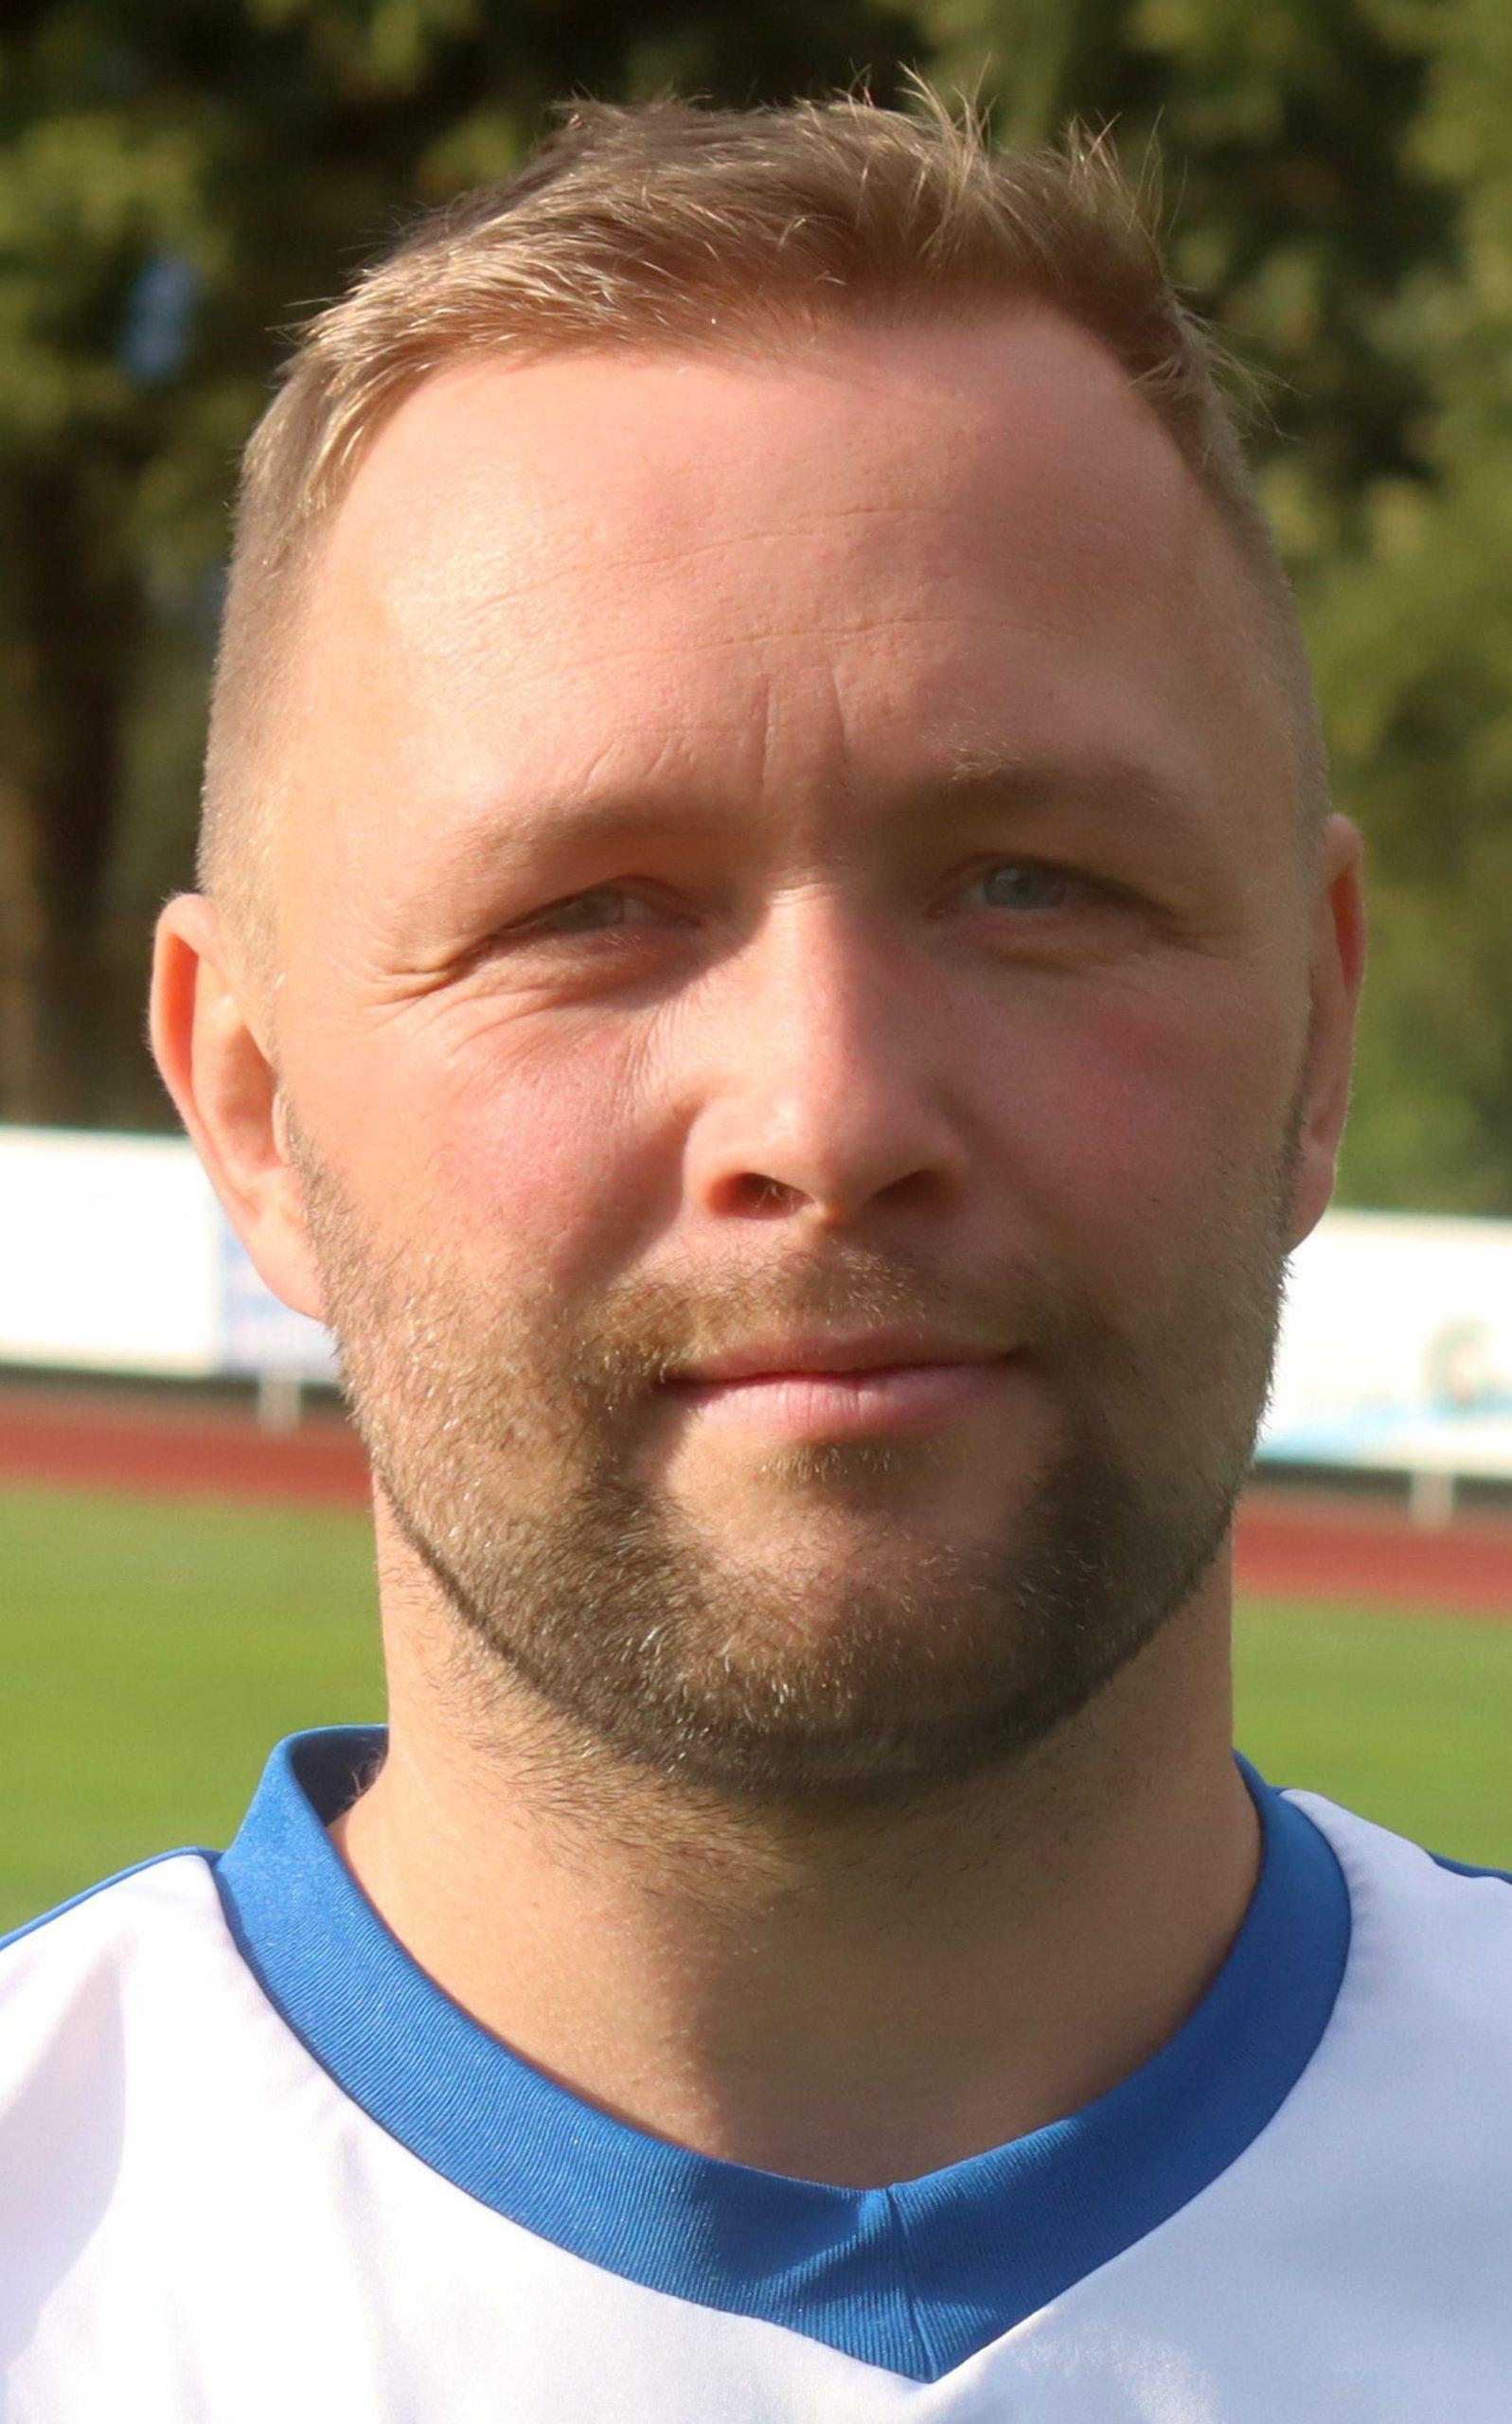 André Dreier